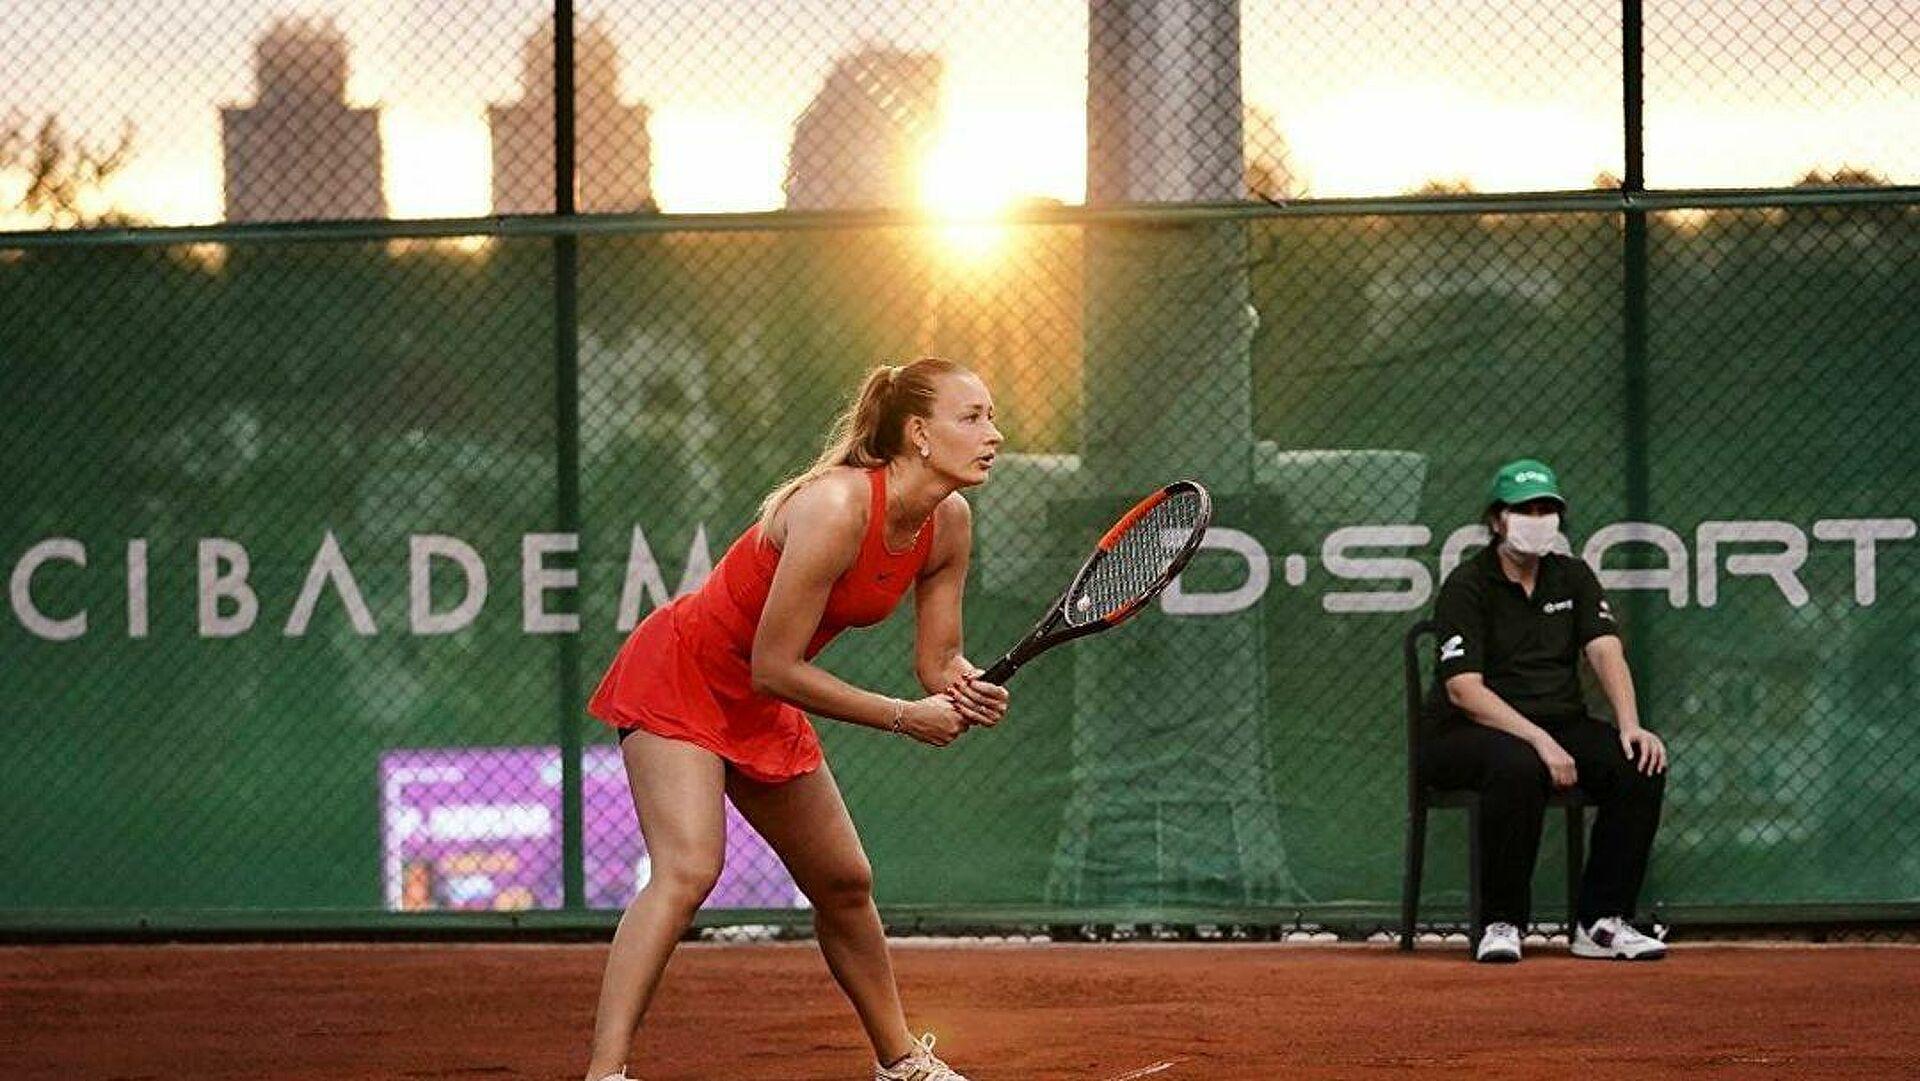 Российская теннисистка подозревается в договорном матче на «Ролан Гаррос»